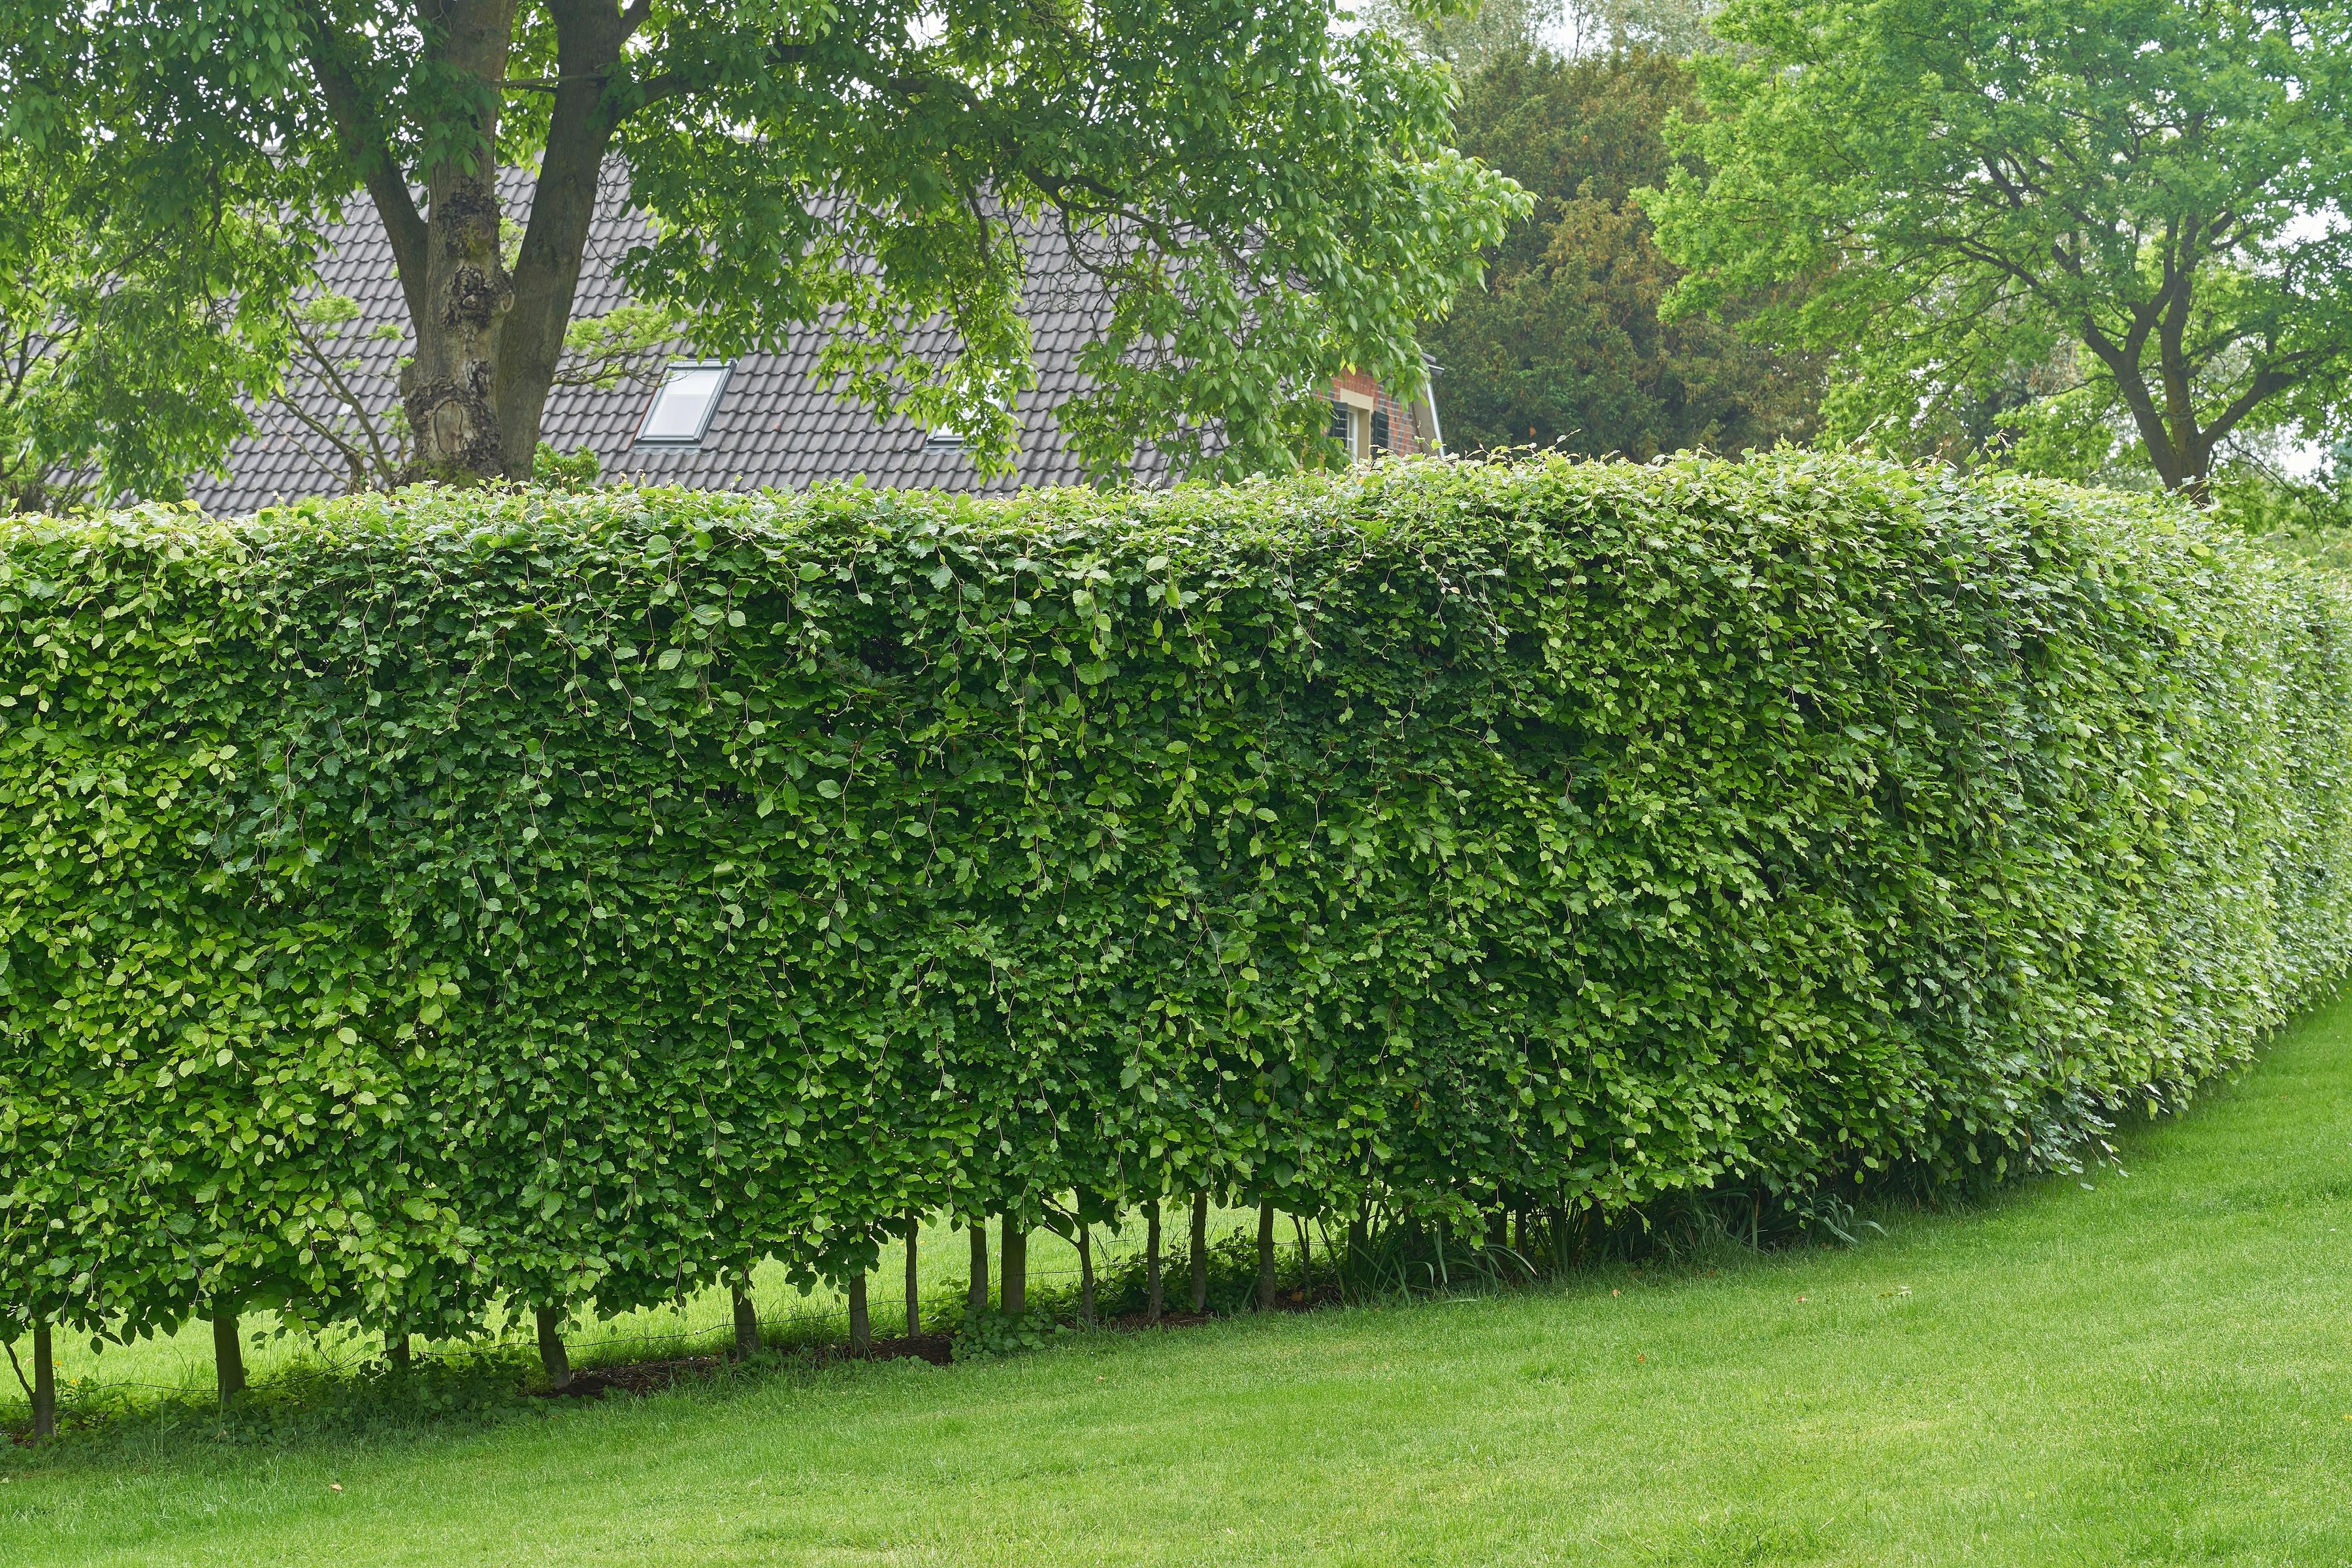 BCM Hecken Hainbuche grün Heckenpflanzen Pflanzen Garten Balkon